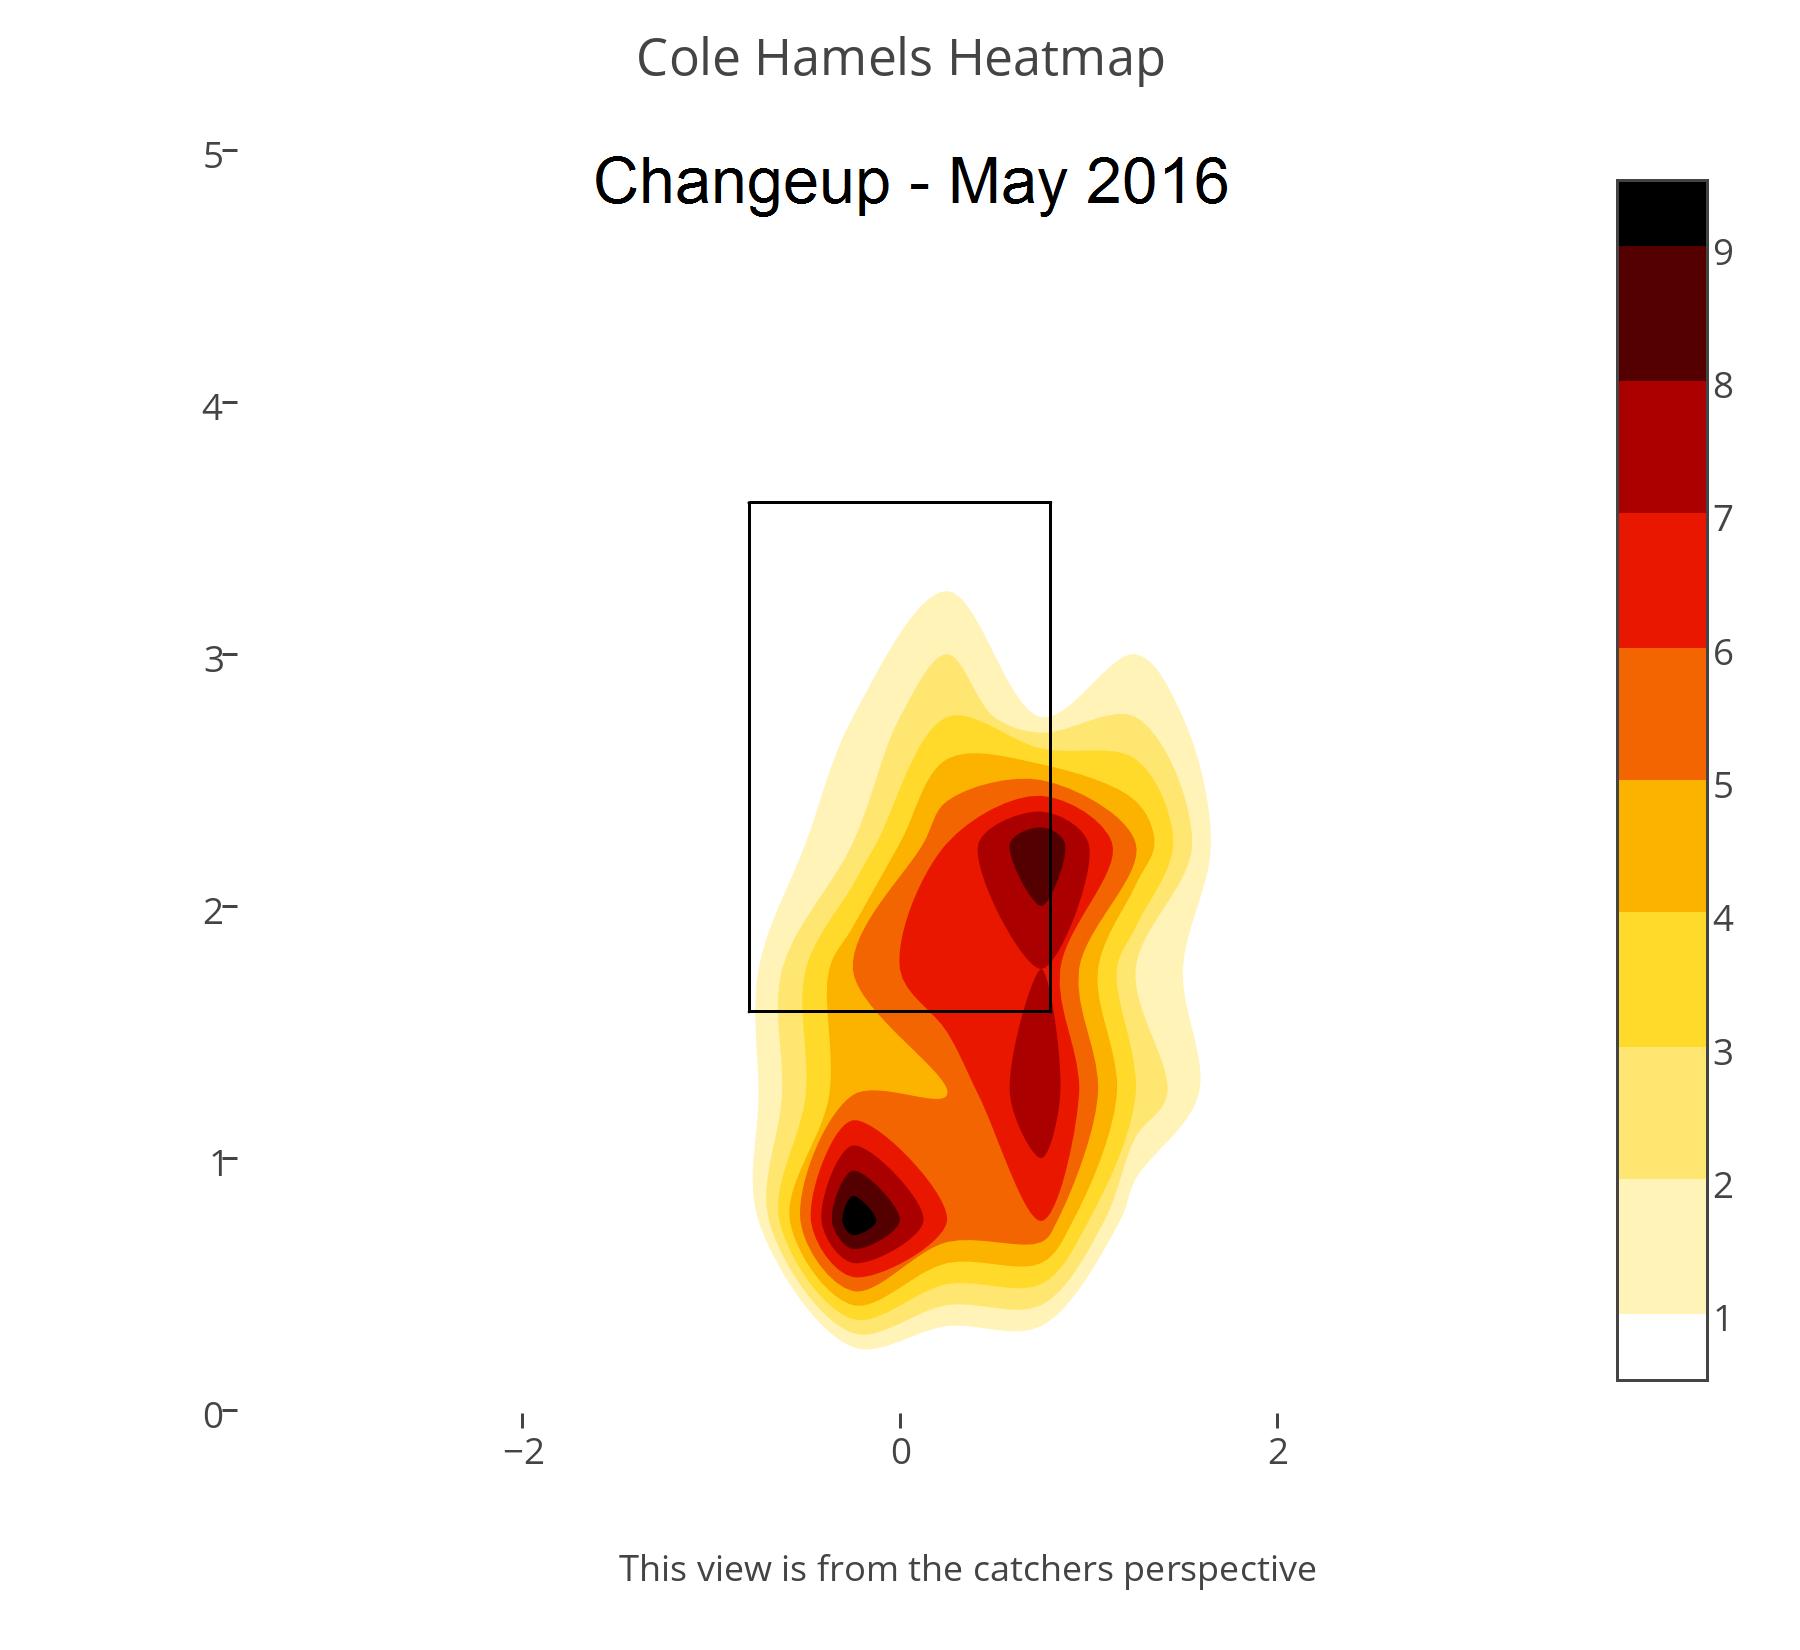 Hamels Changeup Heatmap May 2016